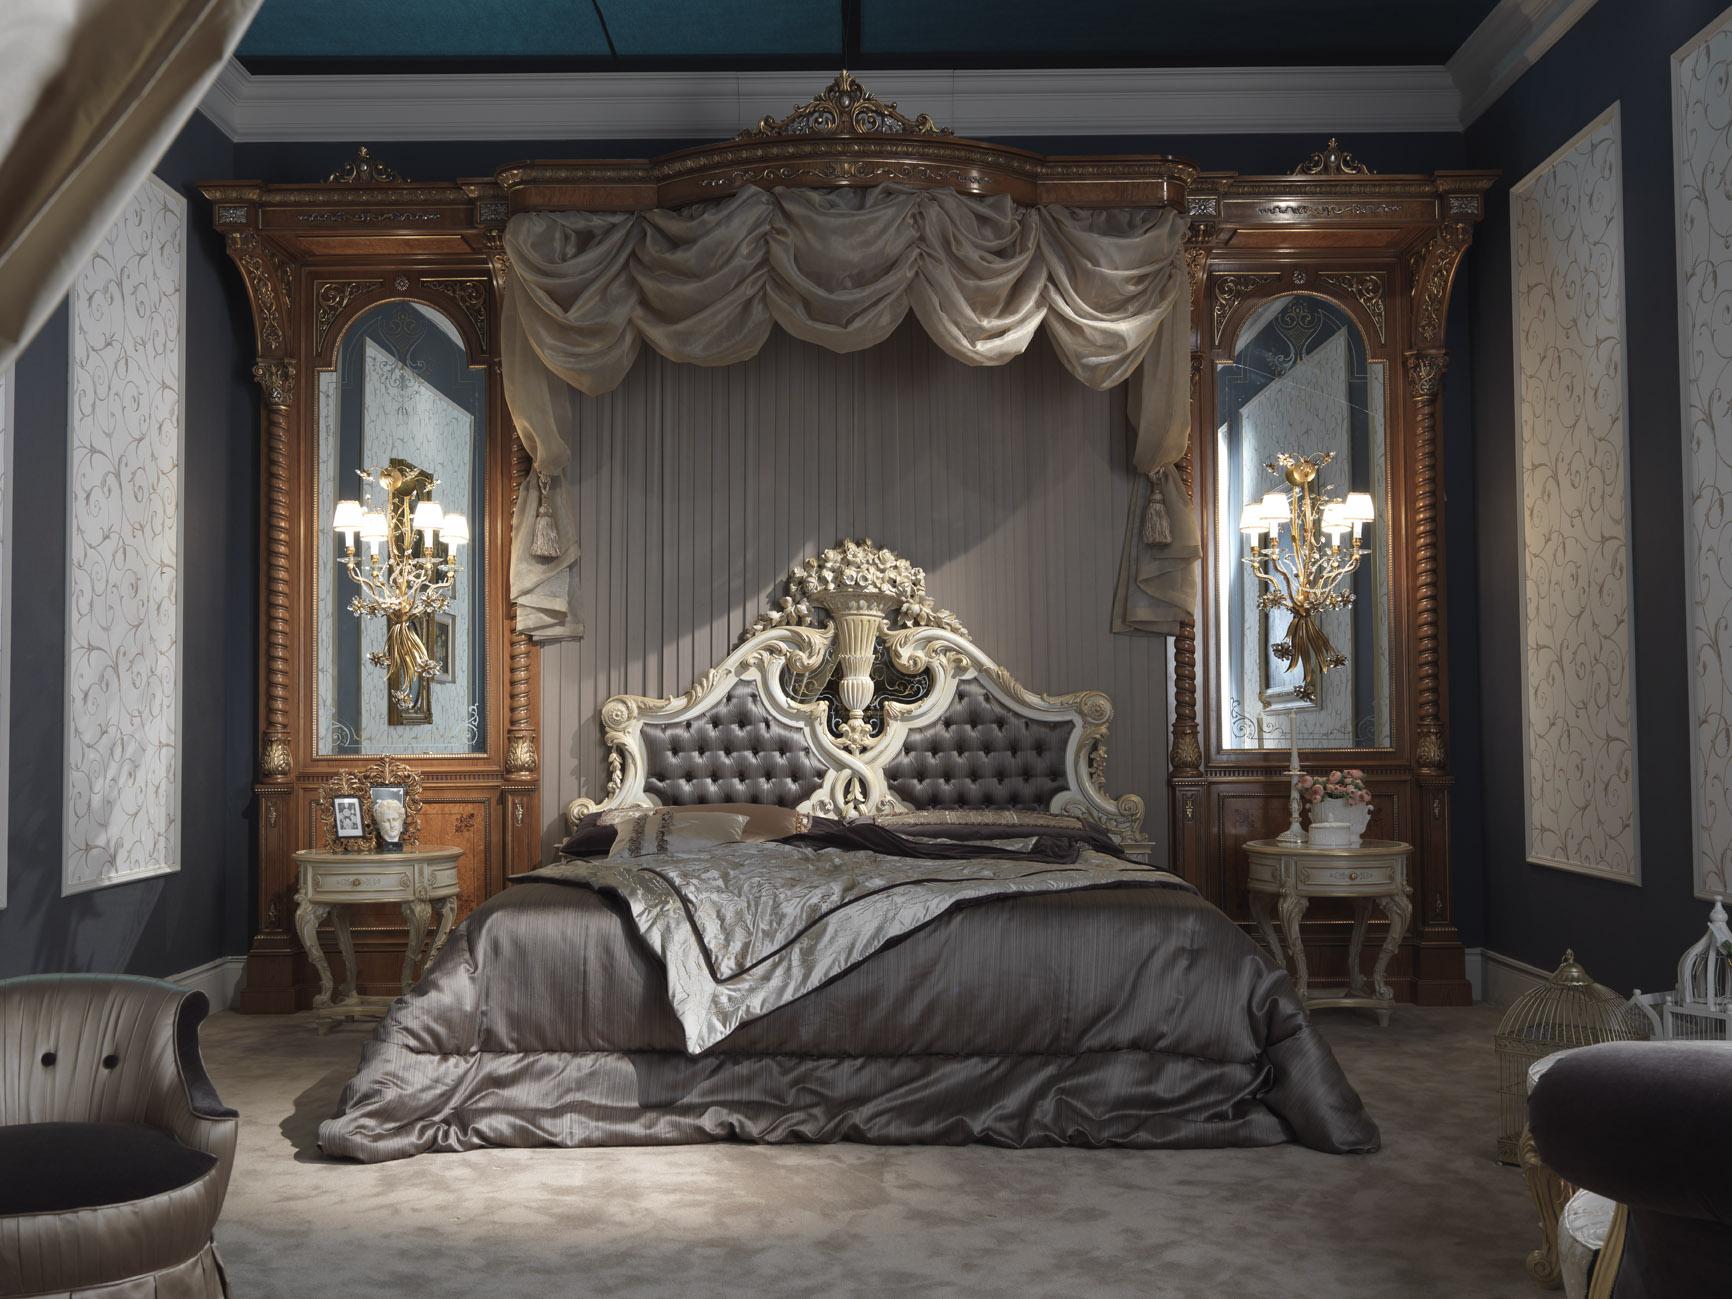 Camera Da Letto Stile Anni 50 : Camera da letto anni awesome antico cassettone con specchiera